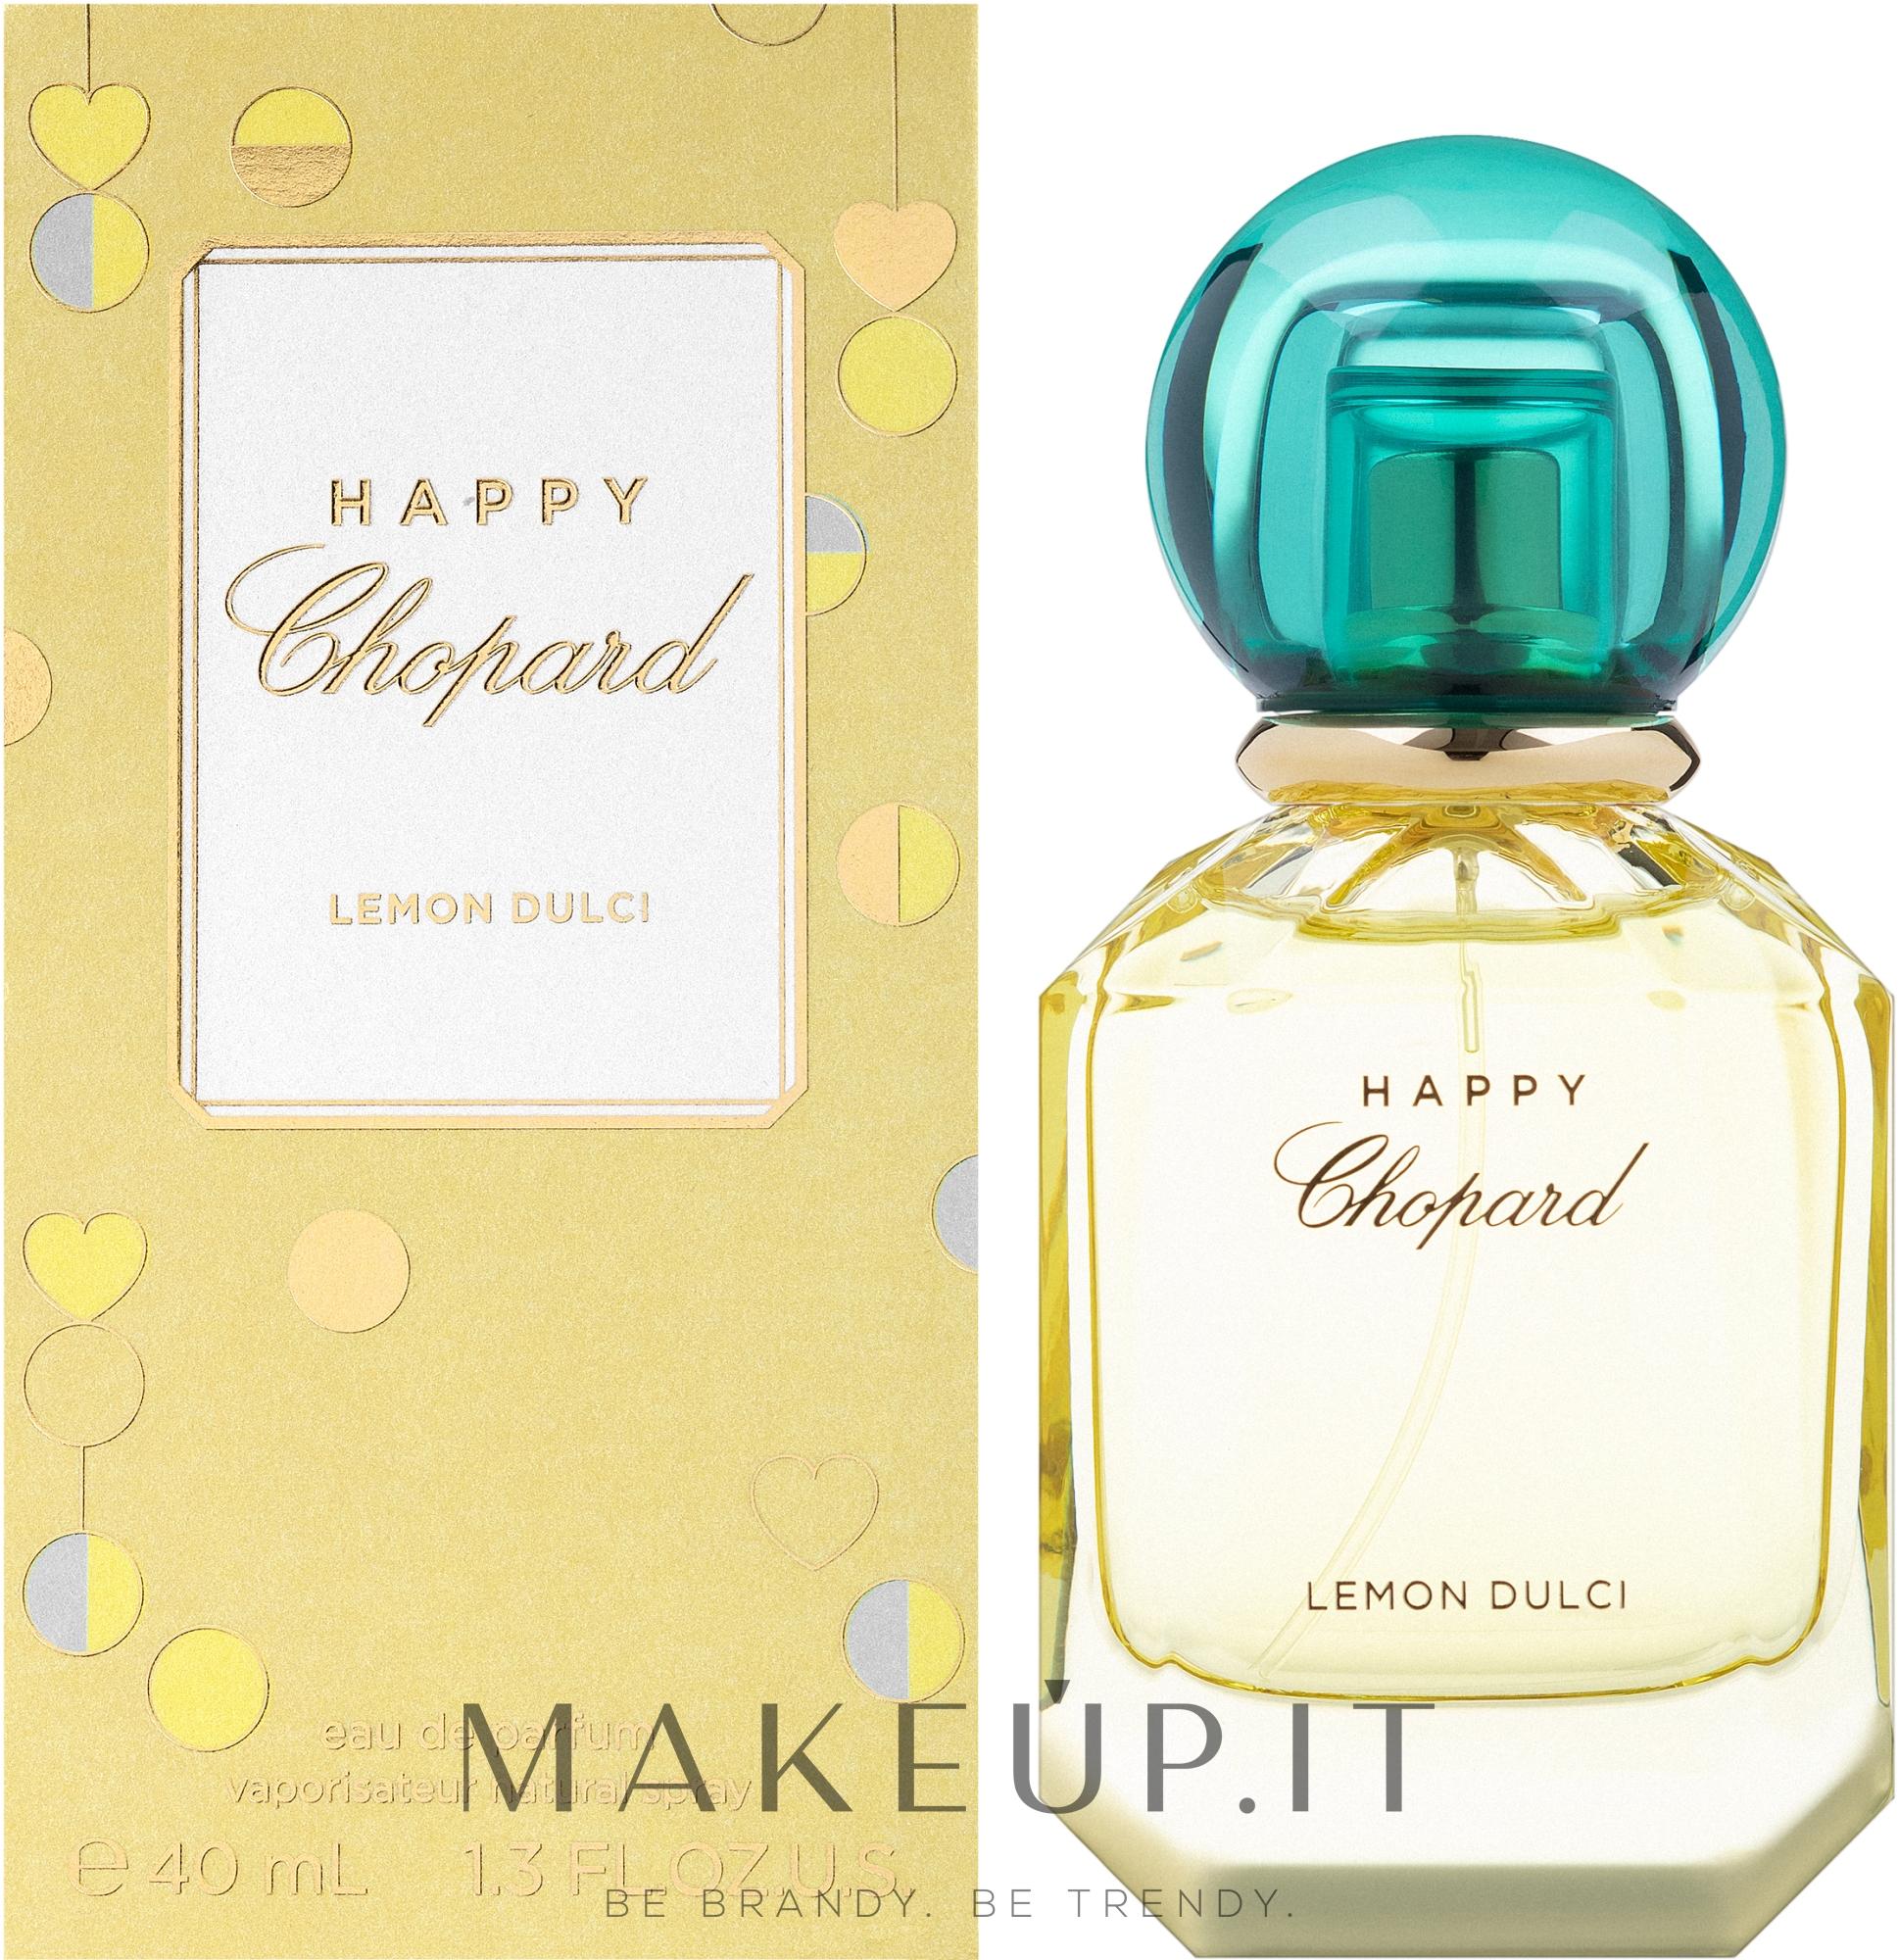 Chopard Lemon Dulci - Eau de Parfum — foto 40 ml